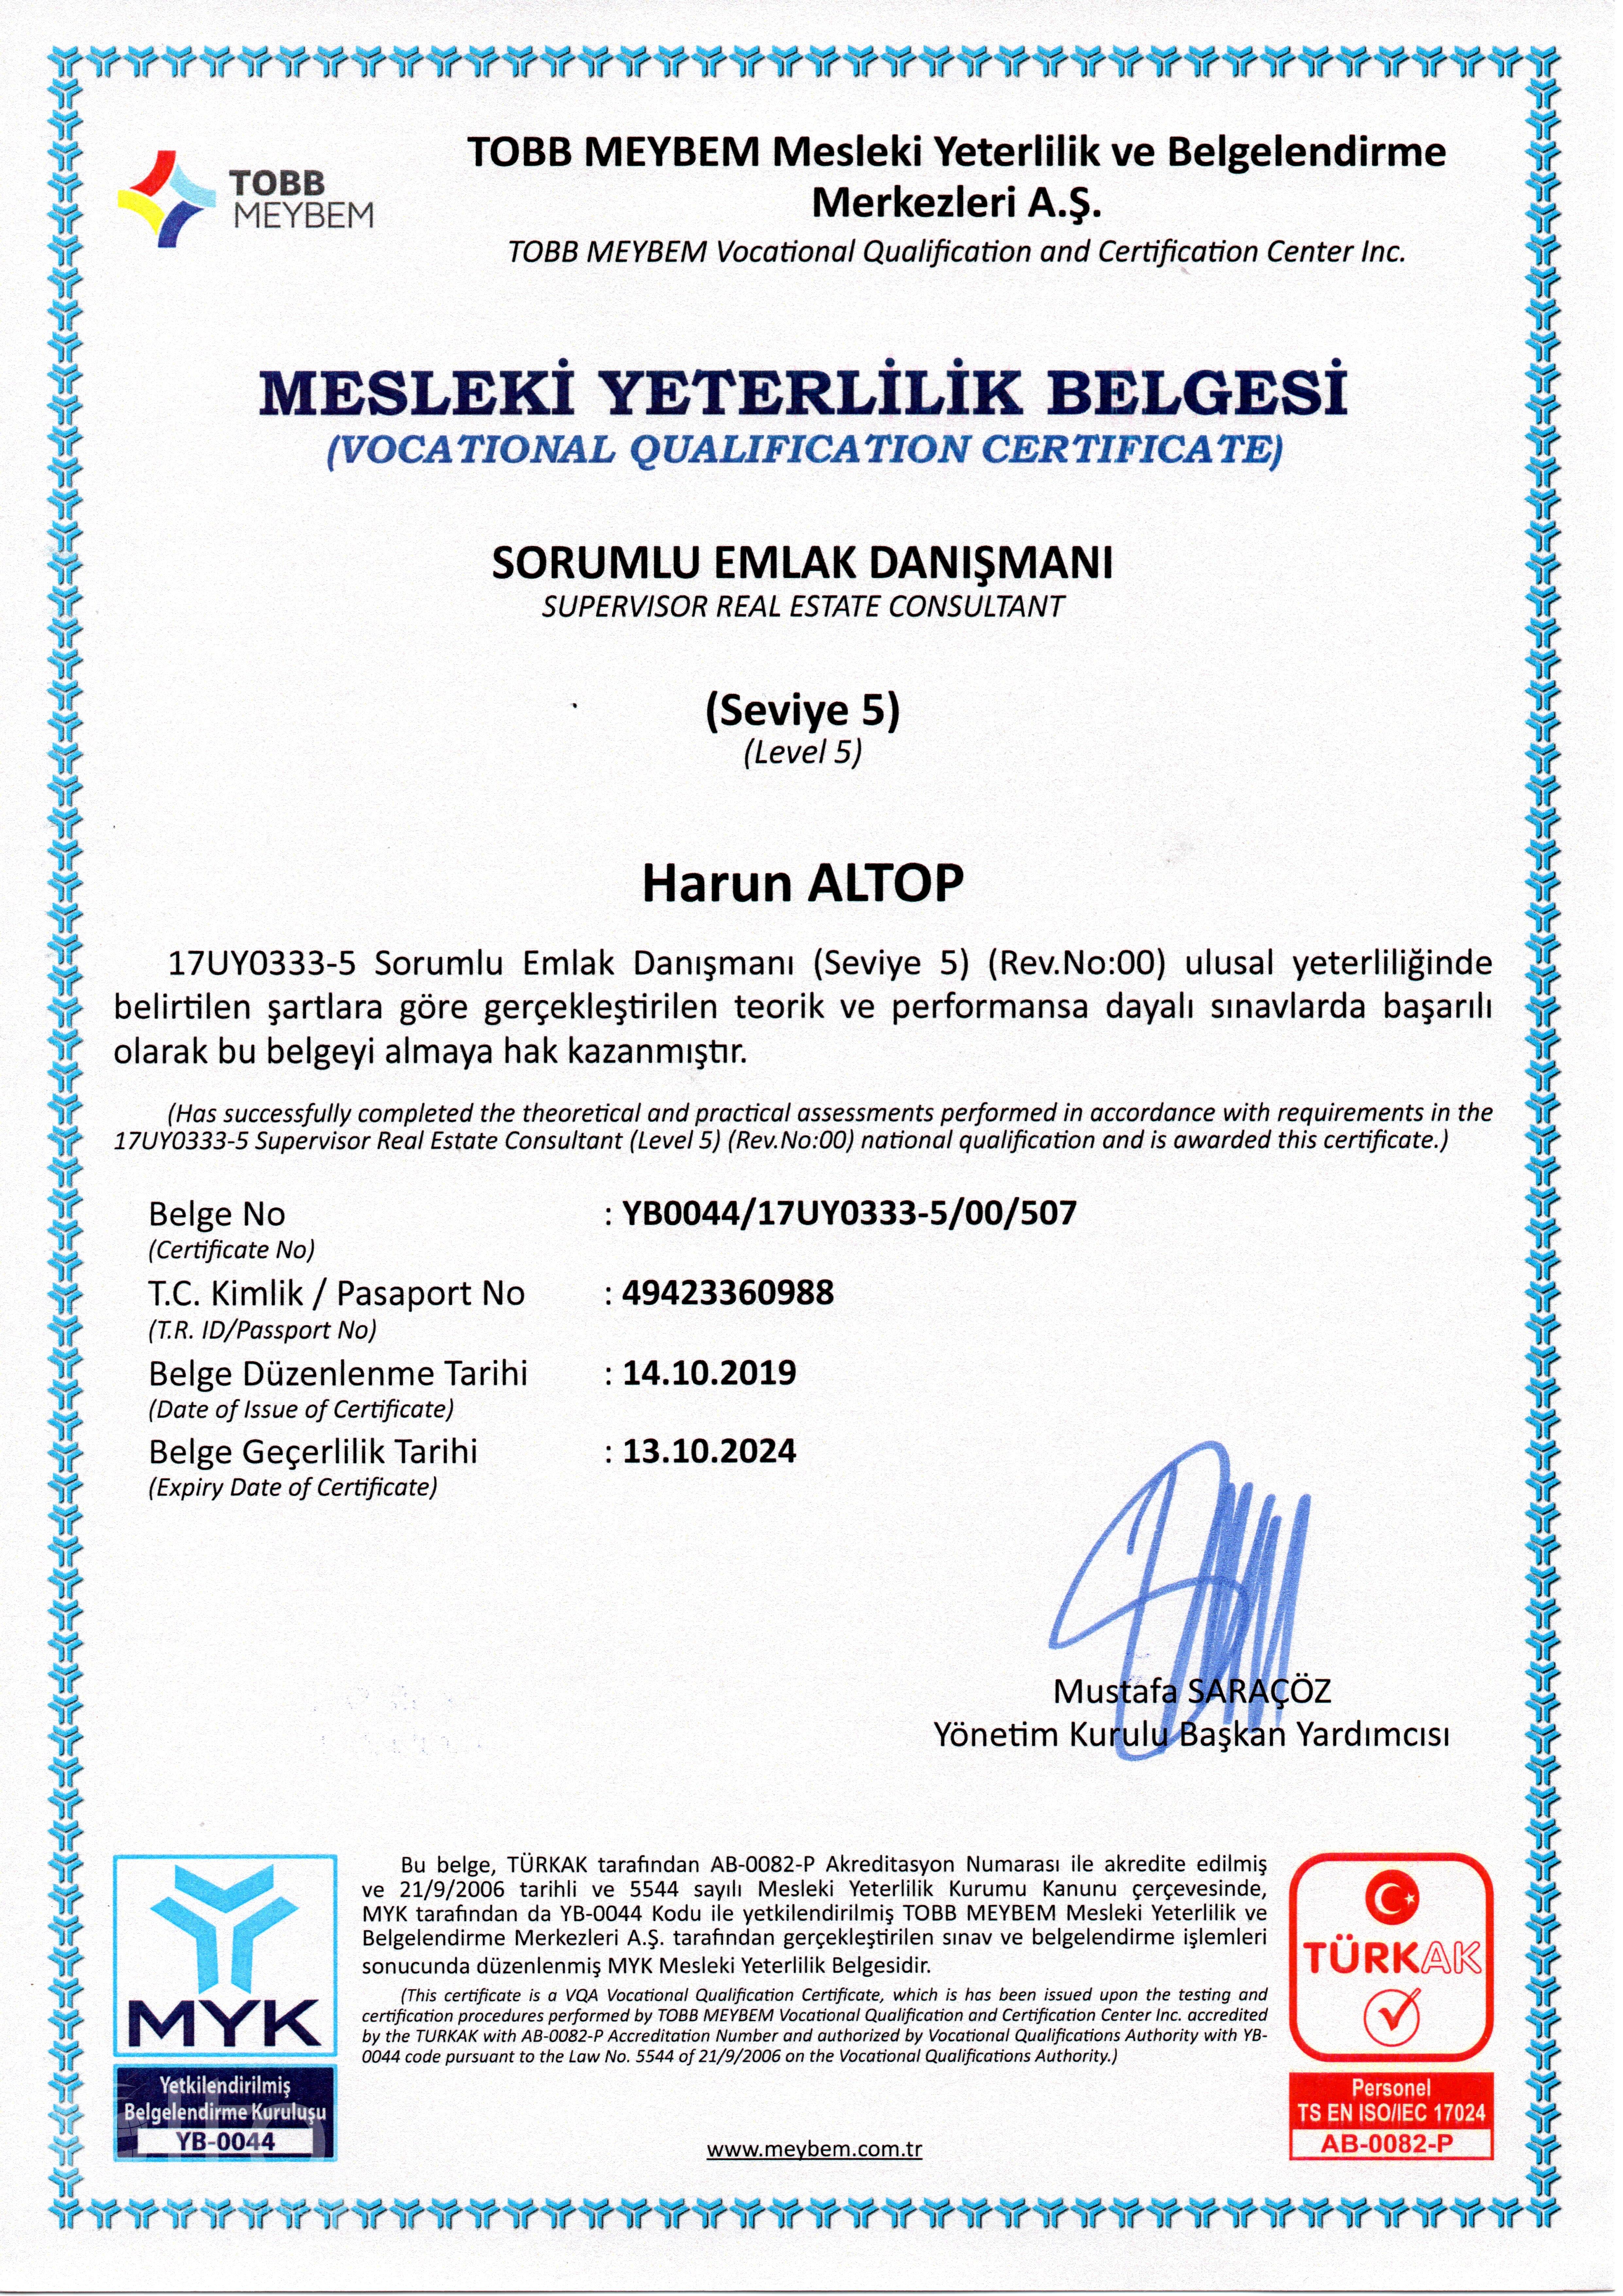 лицензия на риелторскую деятельность компании ALTOP Real Estate